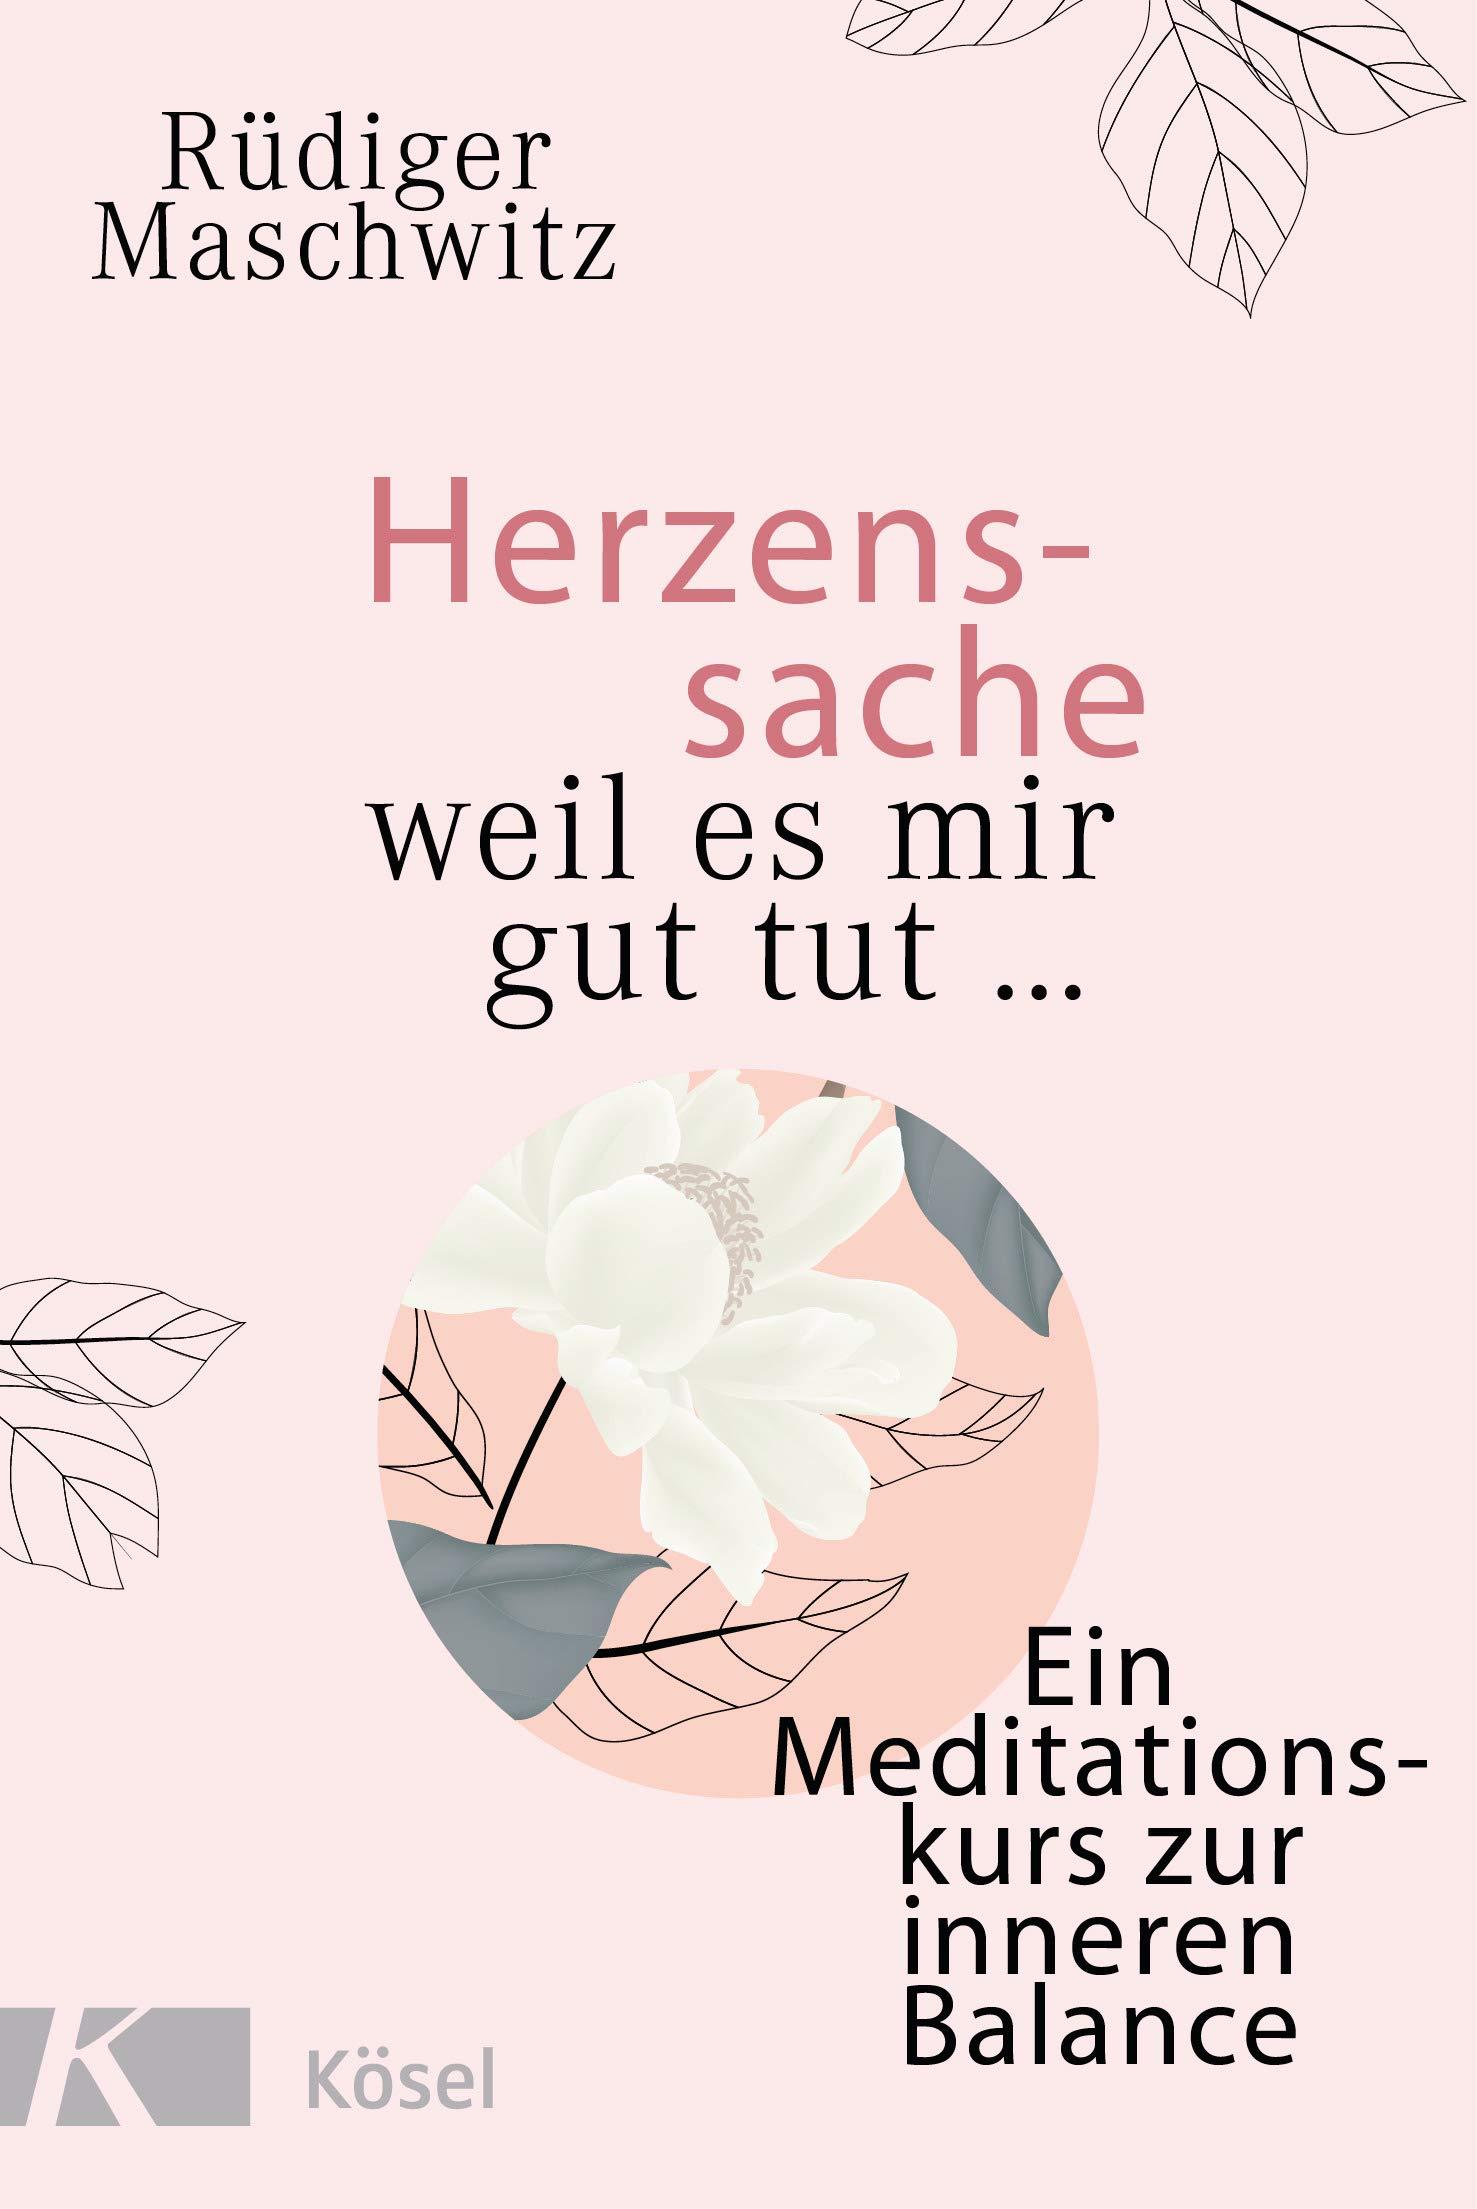 Herzenssache - weil es mir gut tut...: Ein Meditationskurs zur inneren Balance